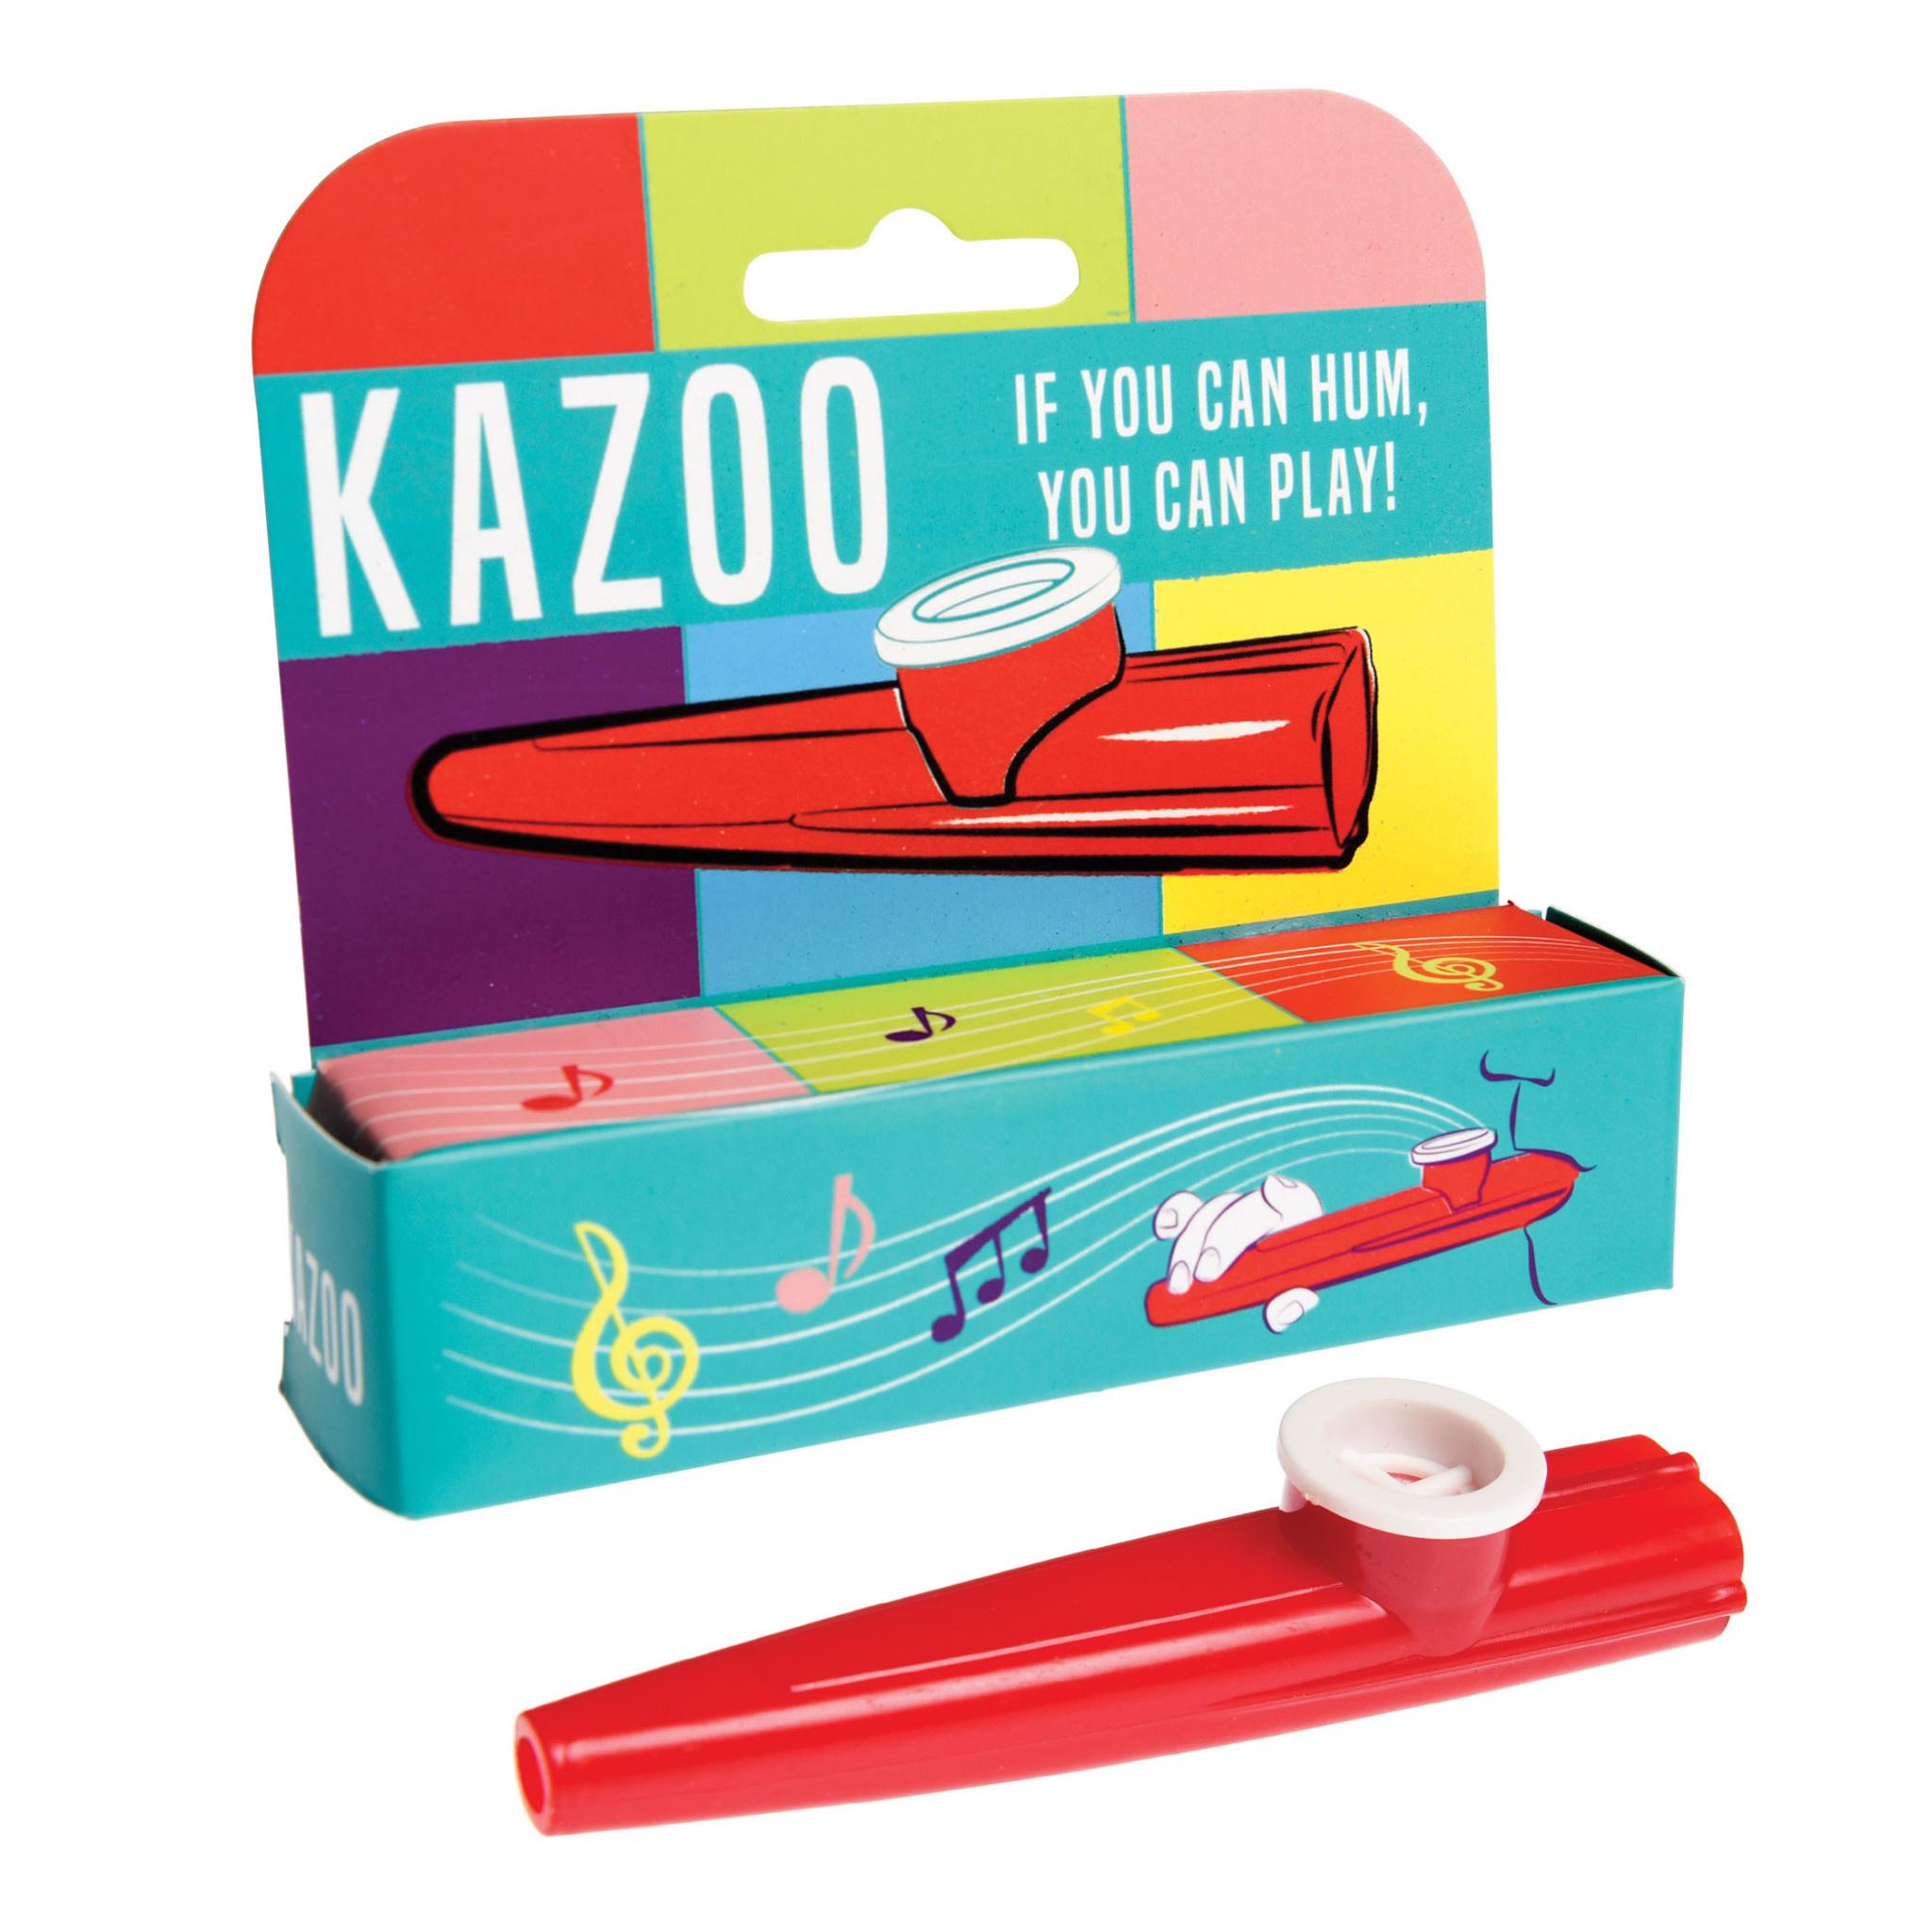 Kazoo-1